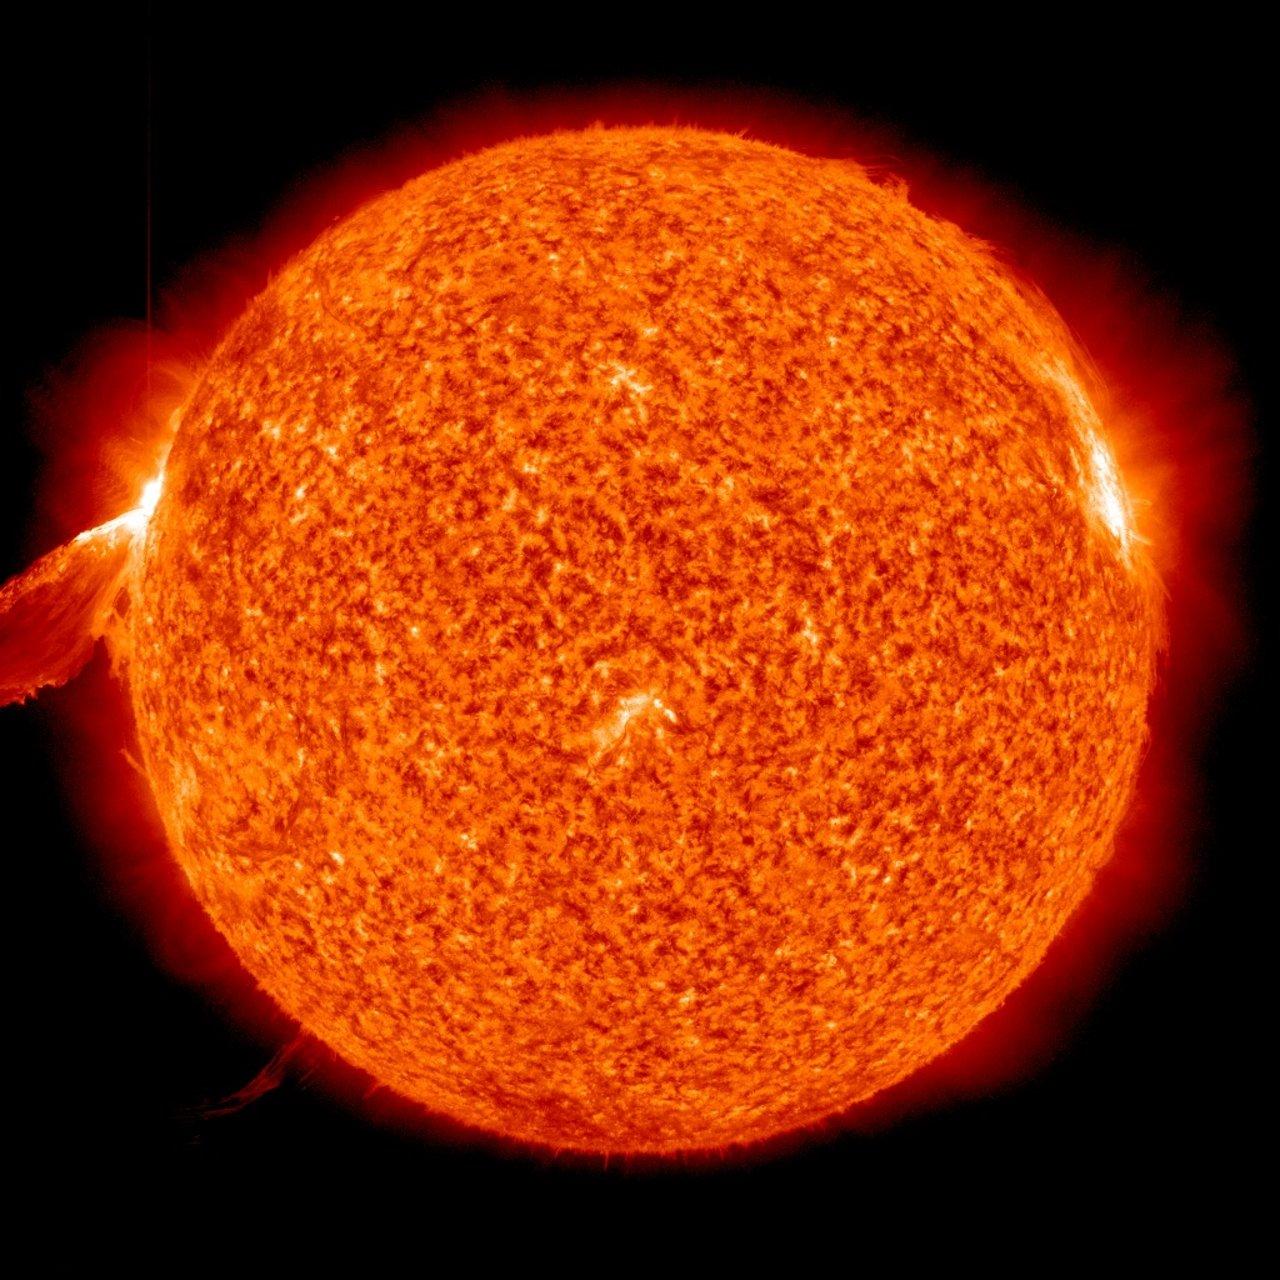 что увидели на солнце картинки утверждала